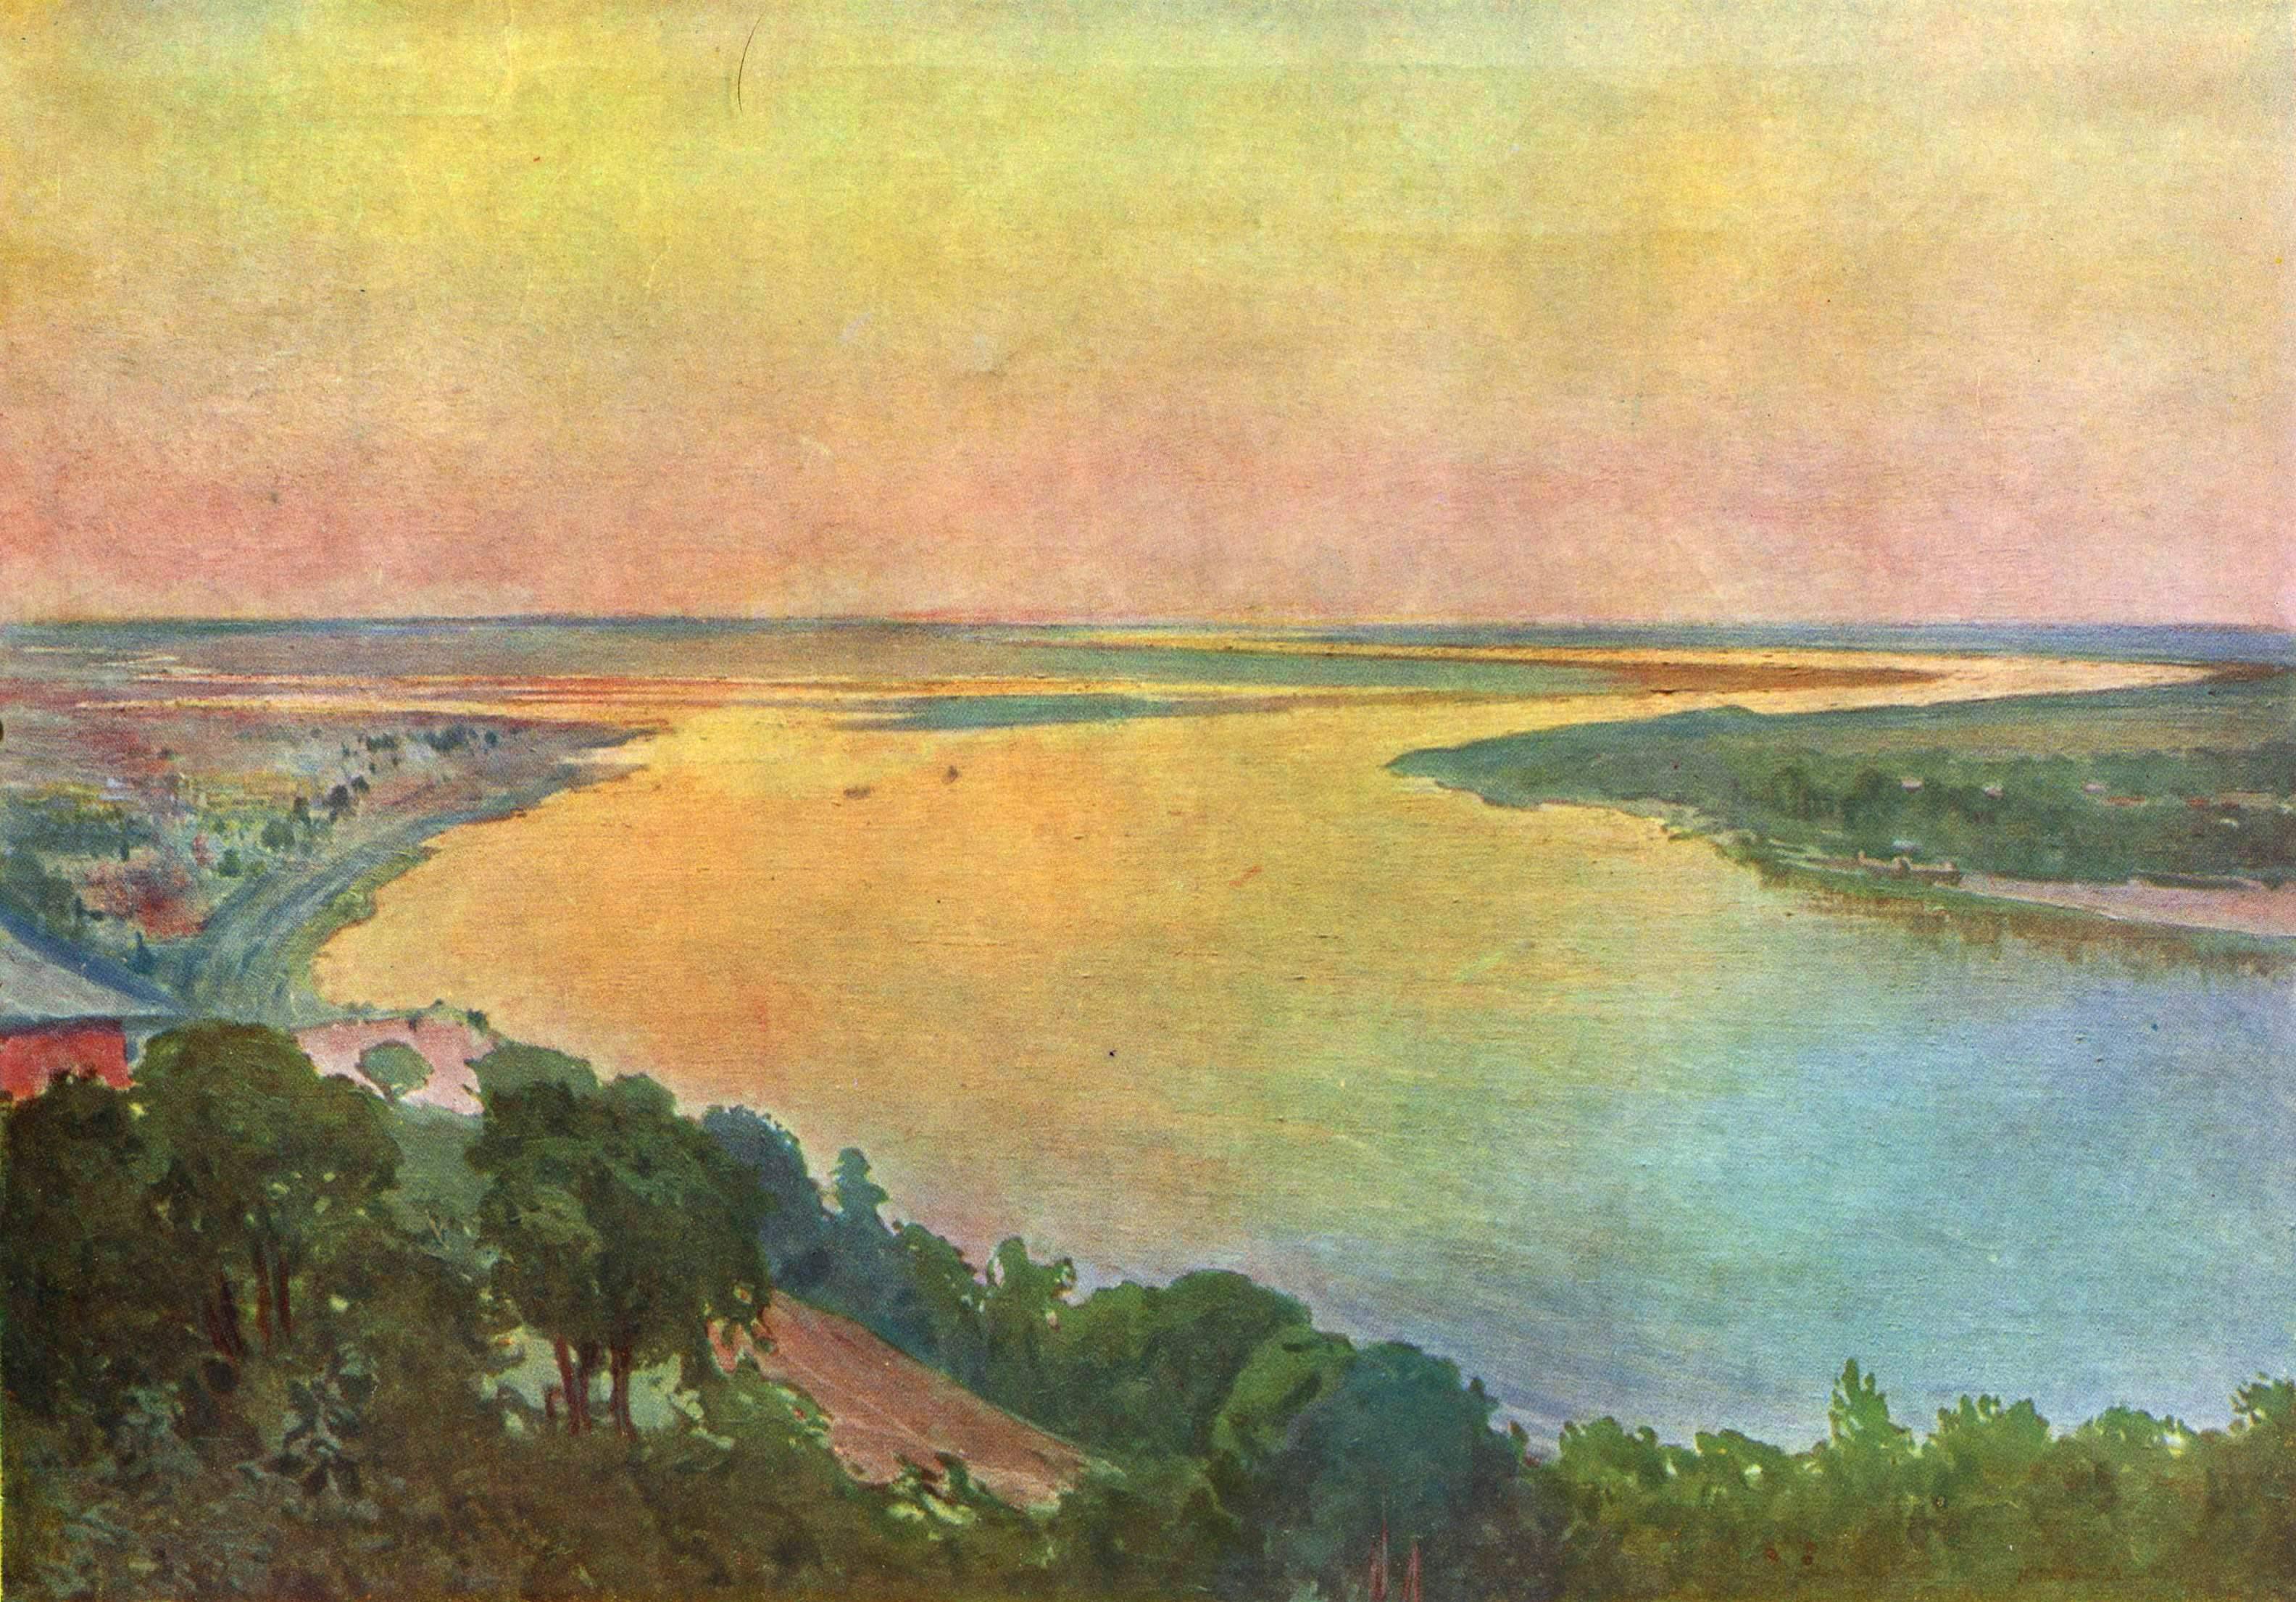 Пейзажи художника открыли для Галичины такие экзотические страны как Египет, Палестина, Хорватия, Италия